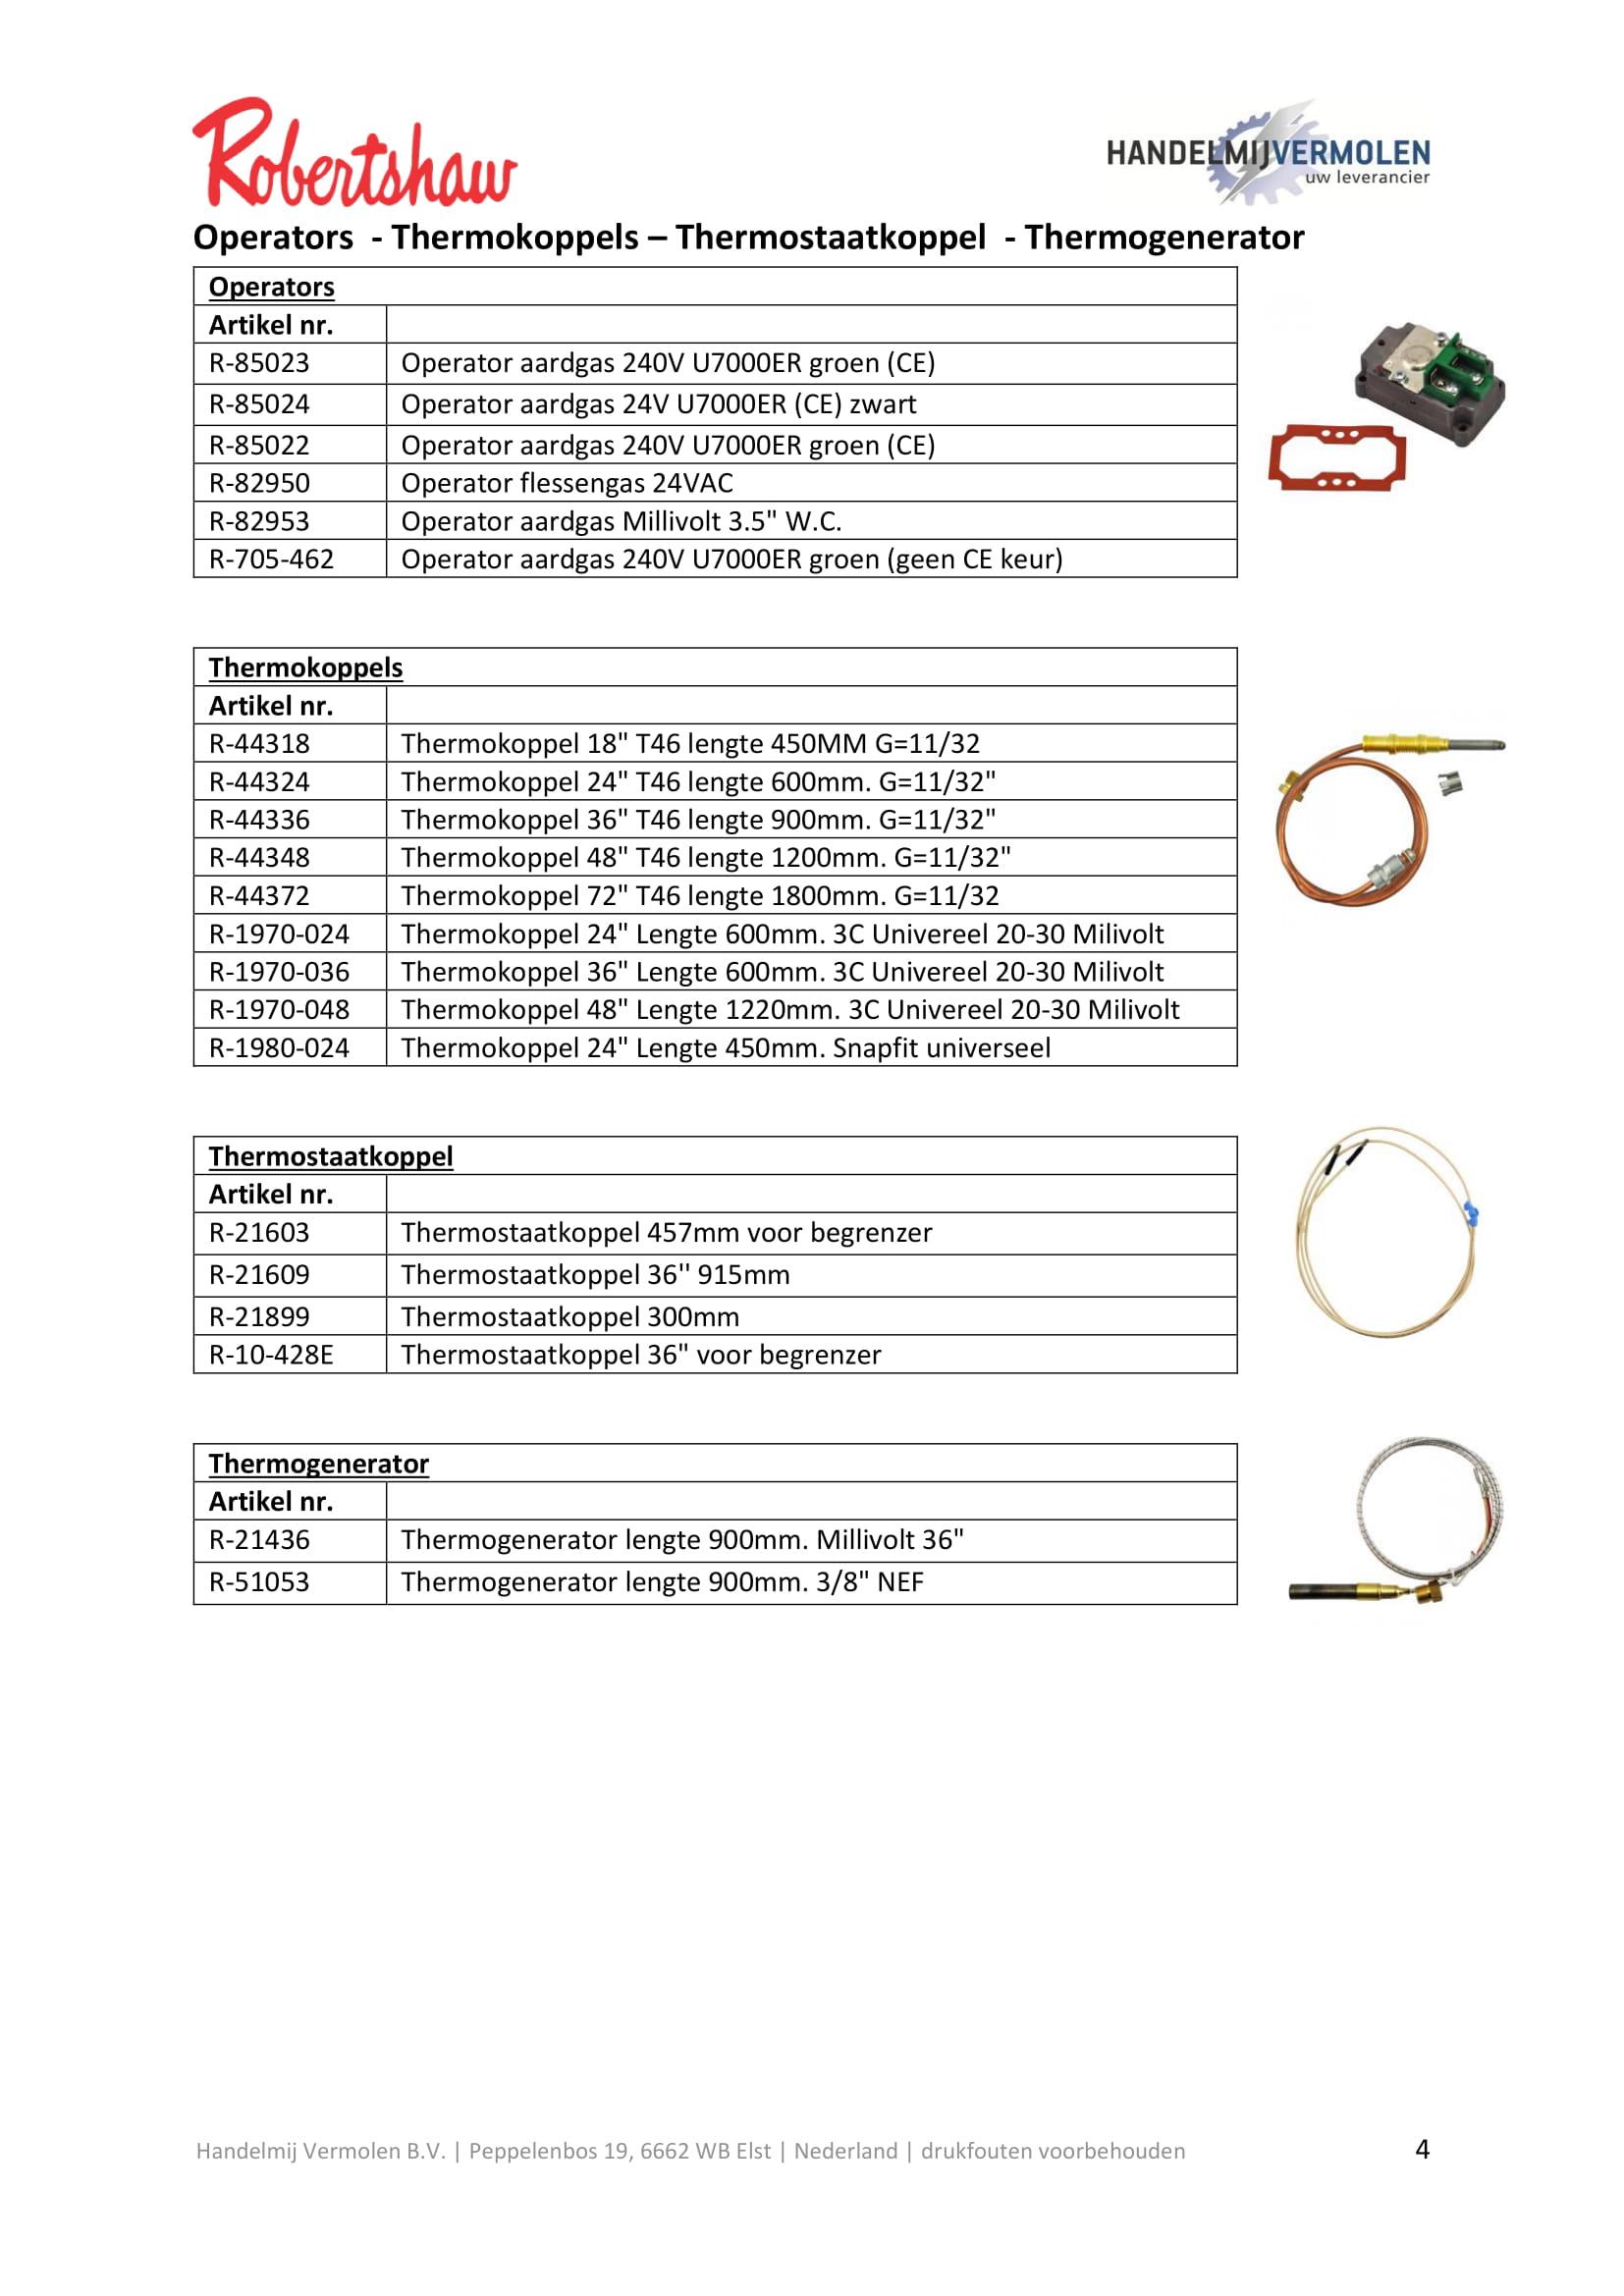 Robertshaw_productlijst_2021-5